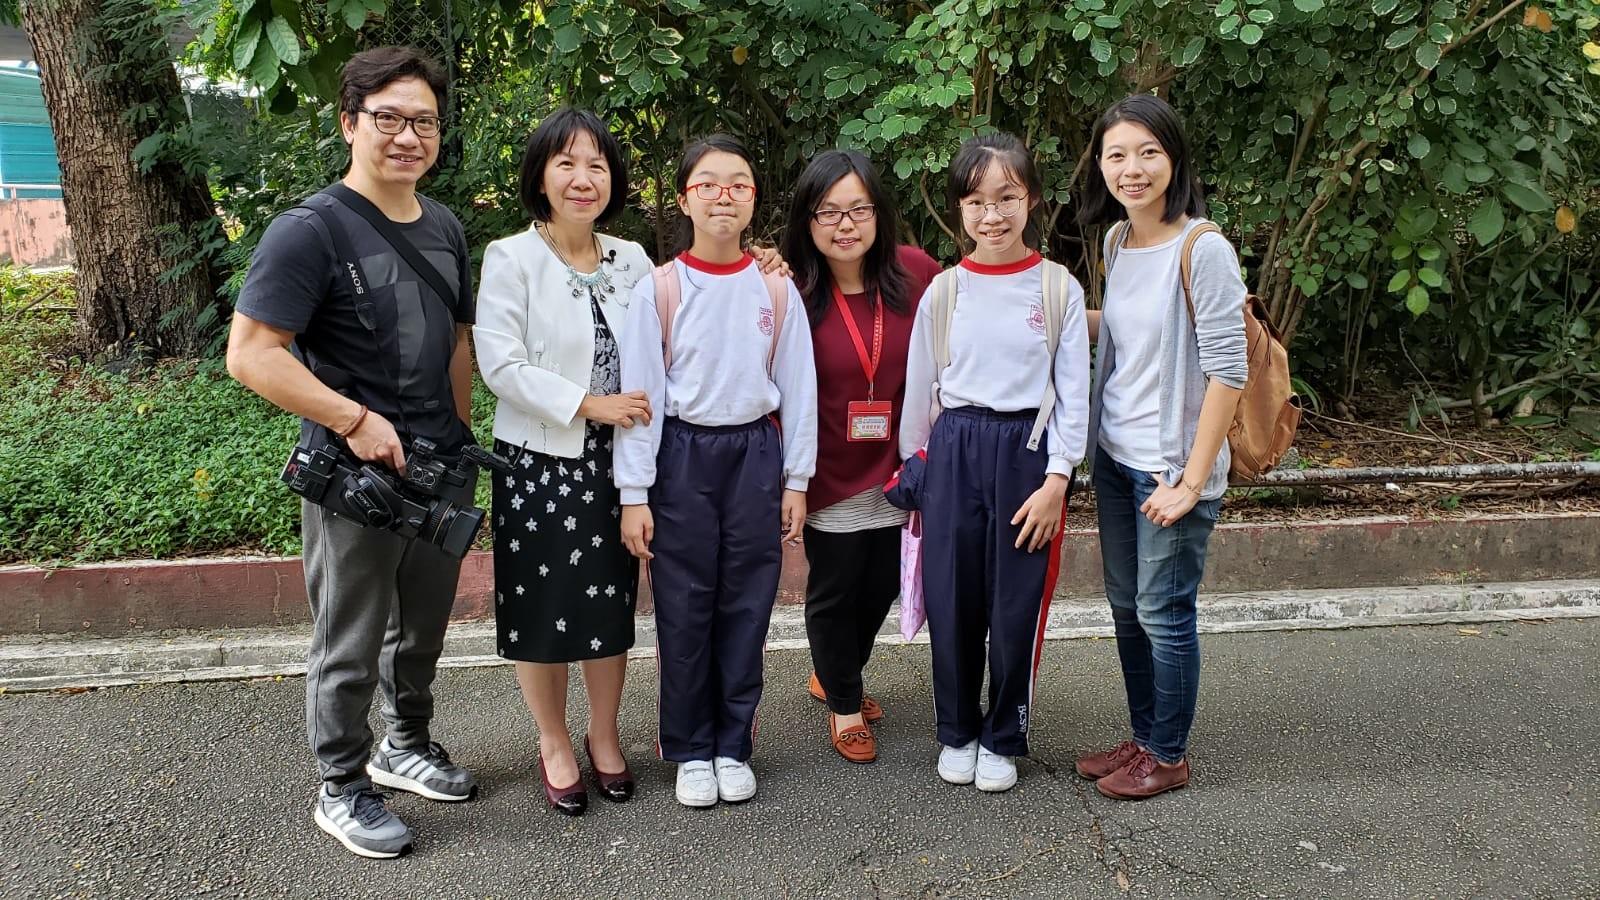 記者與拍攝團隊到訪式宏家